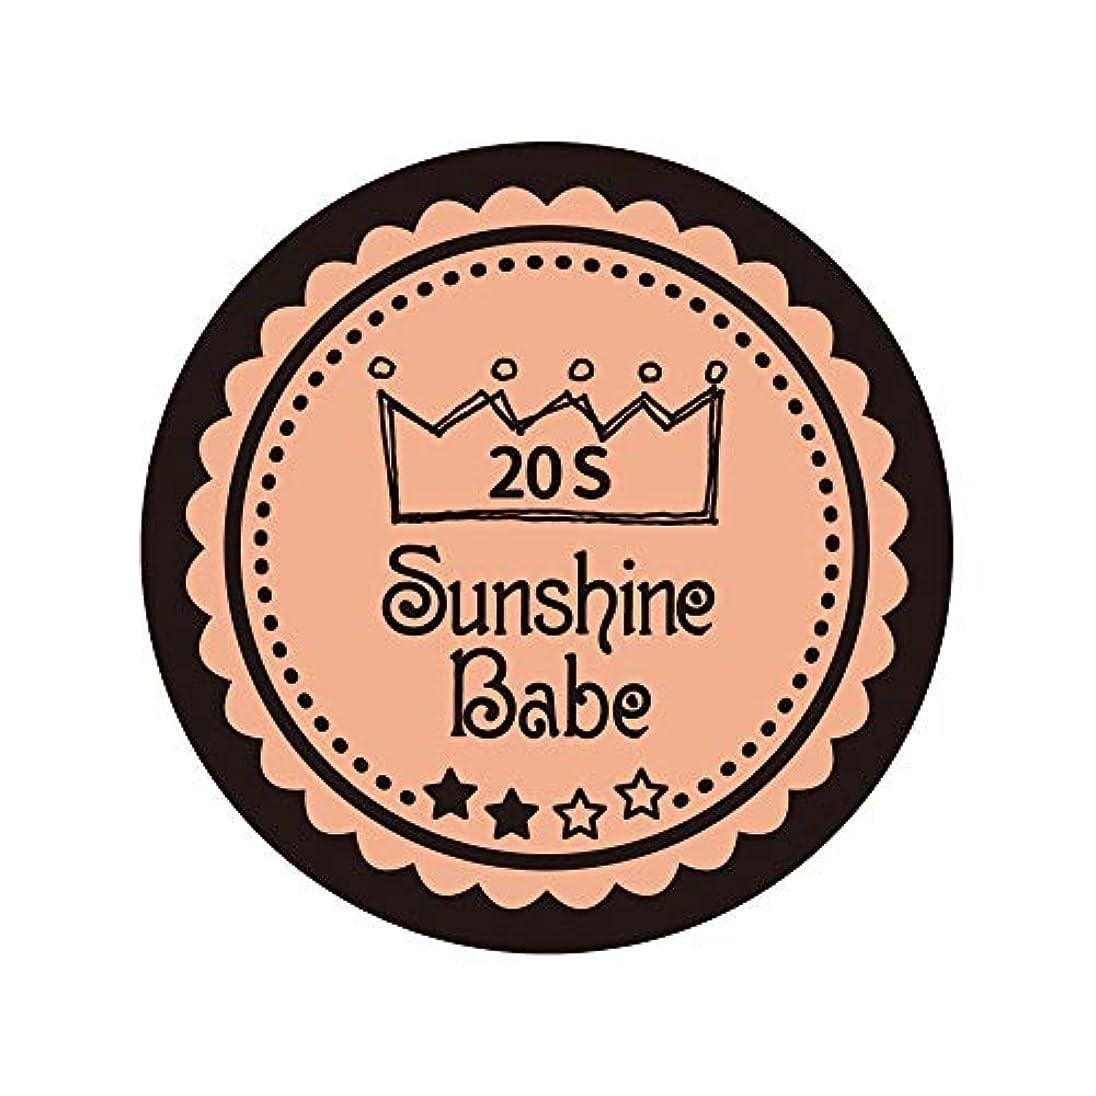 害虫窒素文芸Sunshine Babe カラージェル 20S ヌーディベージュ 2.7g UV/LED対応